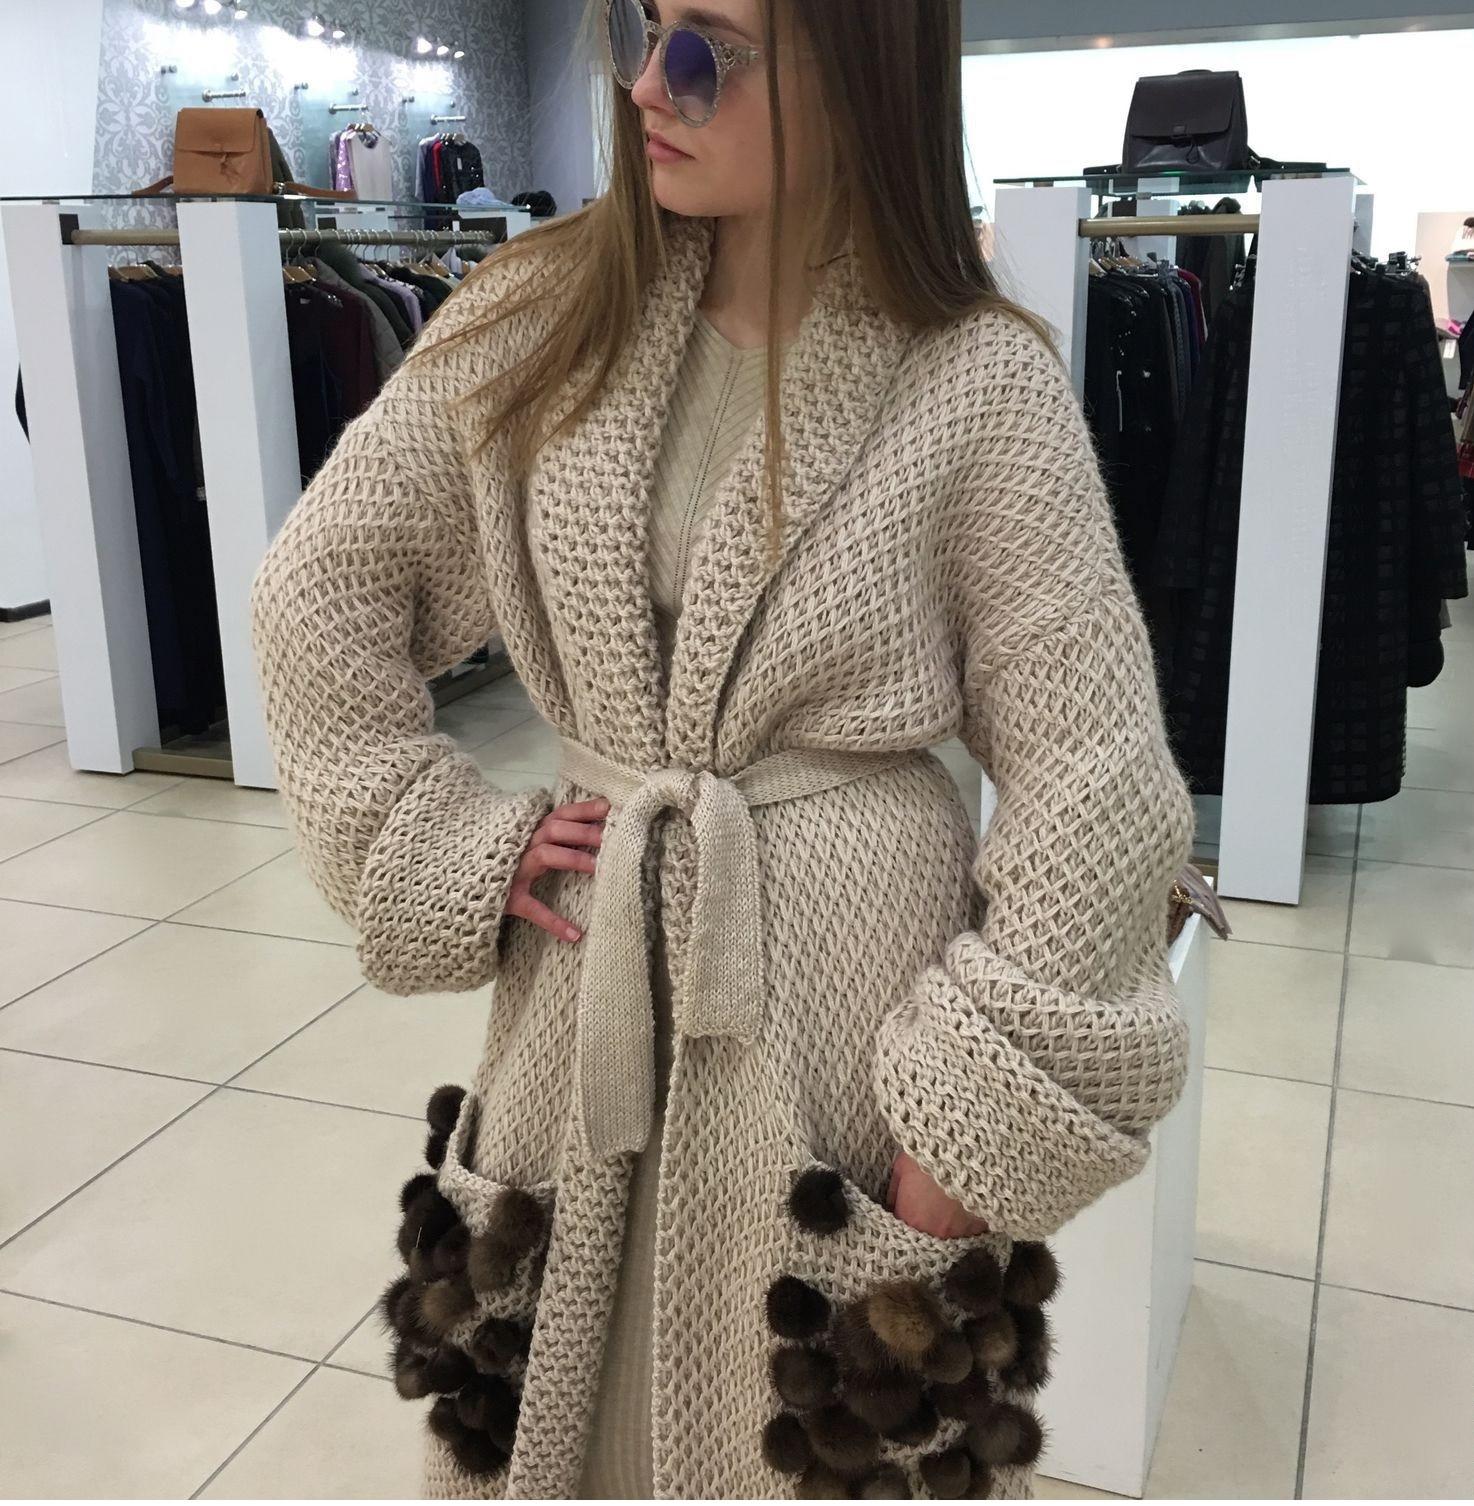 модные женские кардиганы 2019 2020 модные тенденции фото